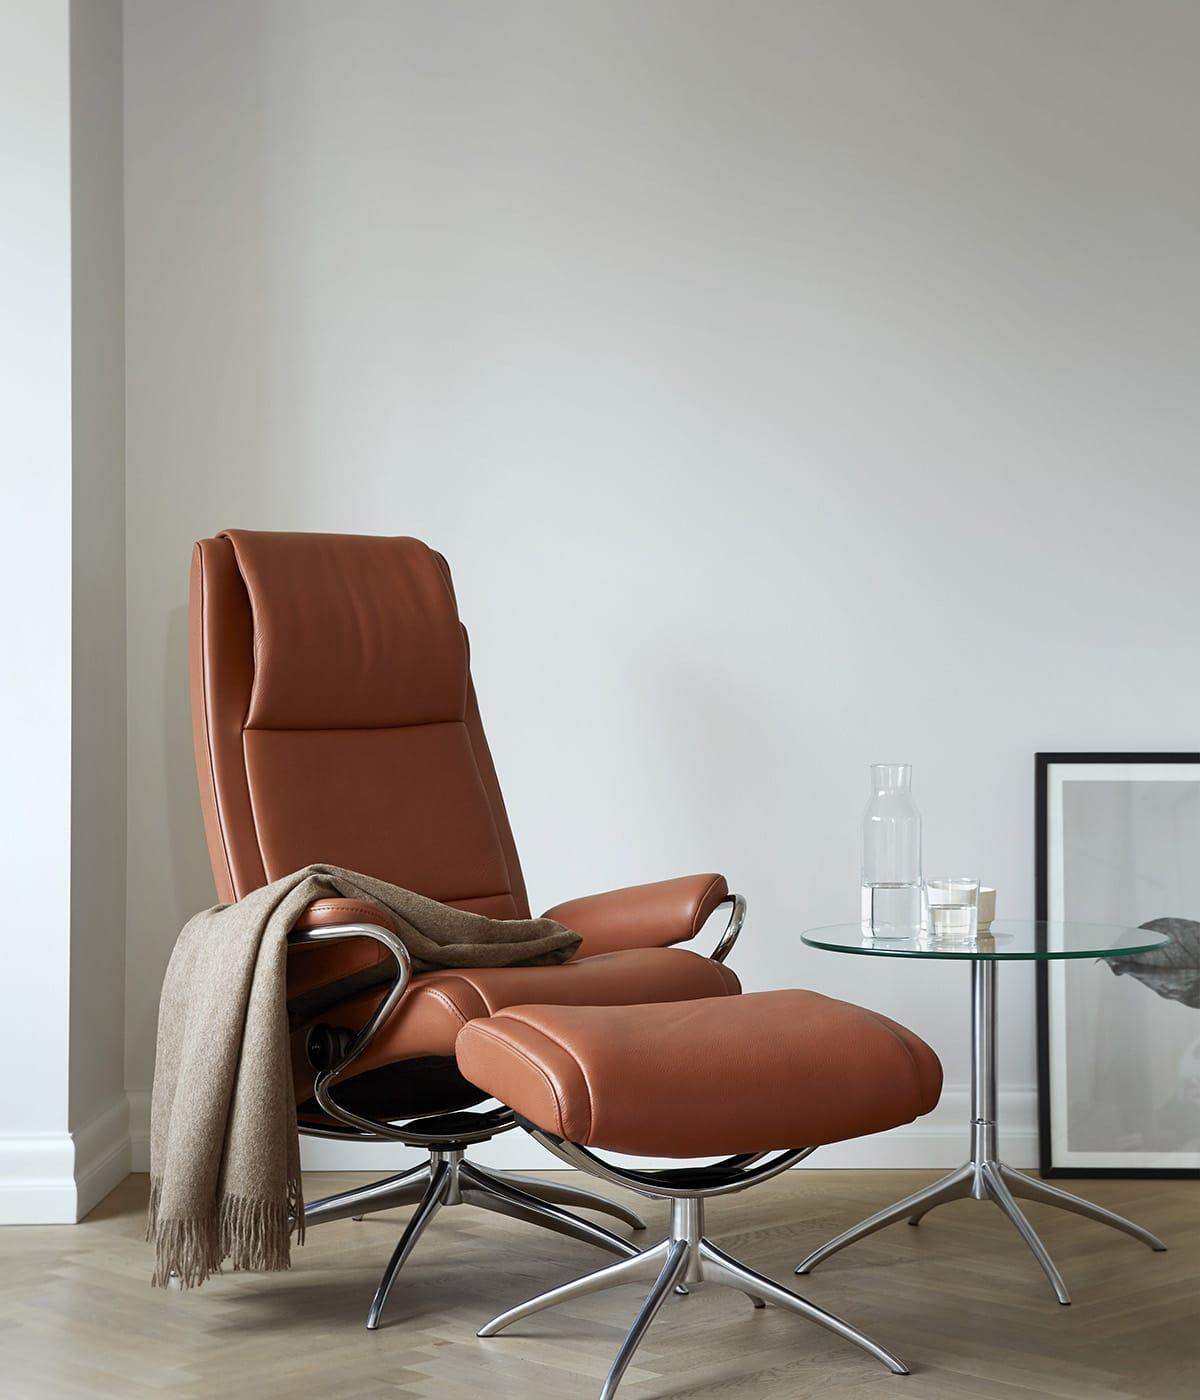 Kleine Beistelltische neben einem Stressless Paris Sessel schaffen eine entspannte wohnliche Atmosphäre.